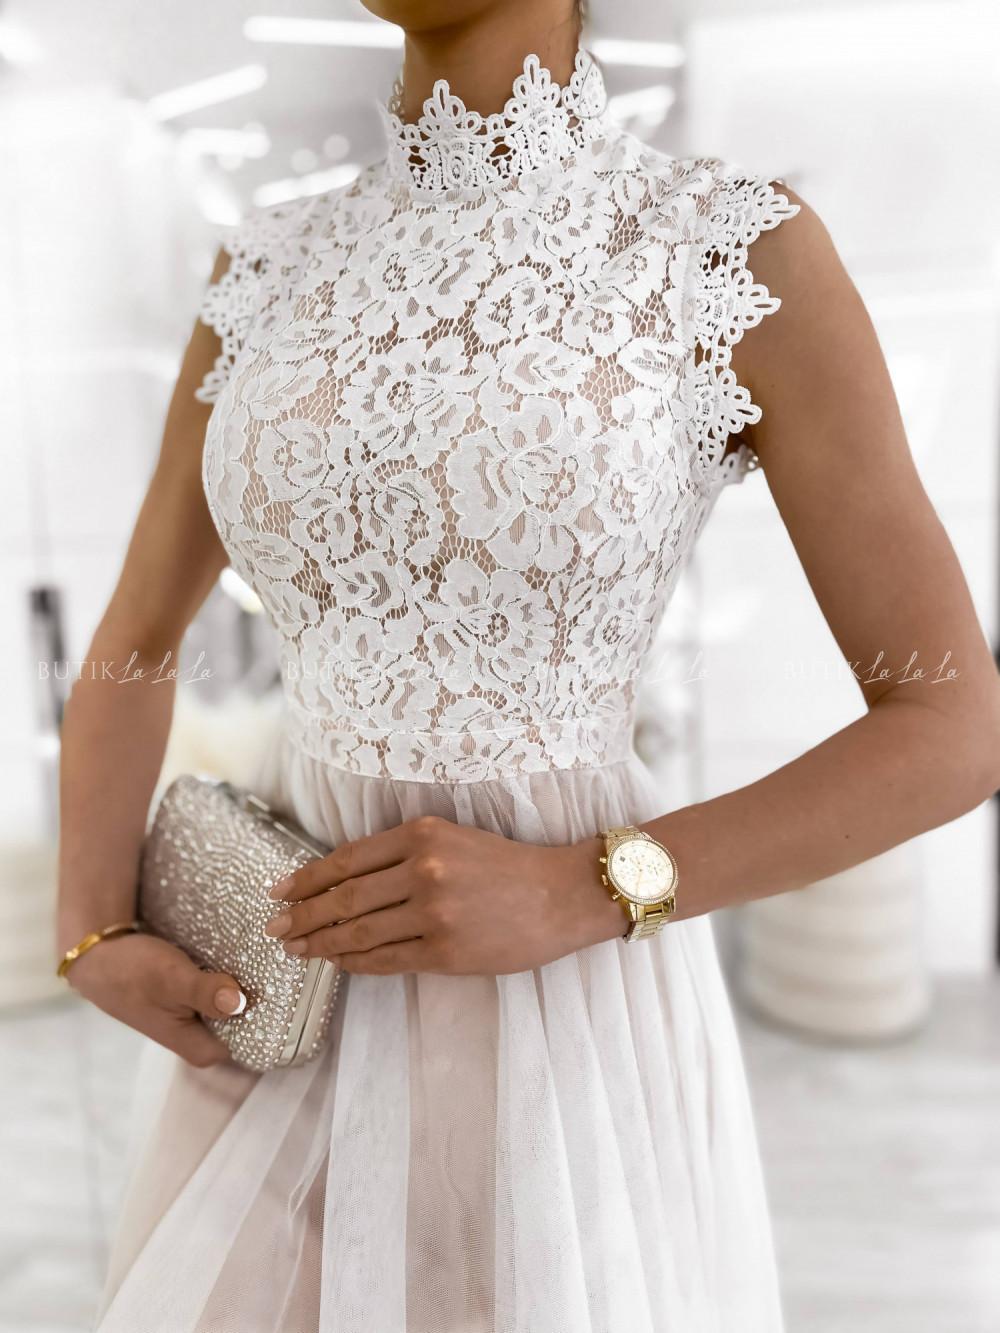 biala sukienka na komunie